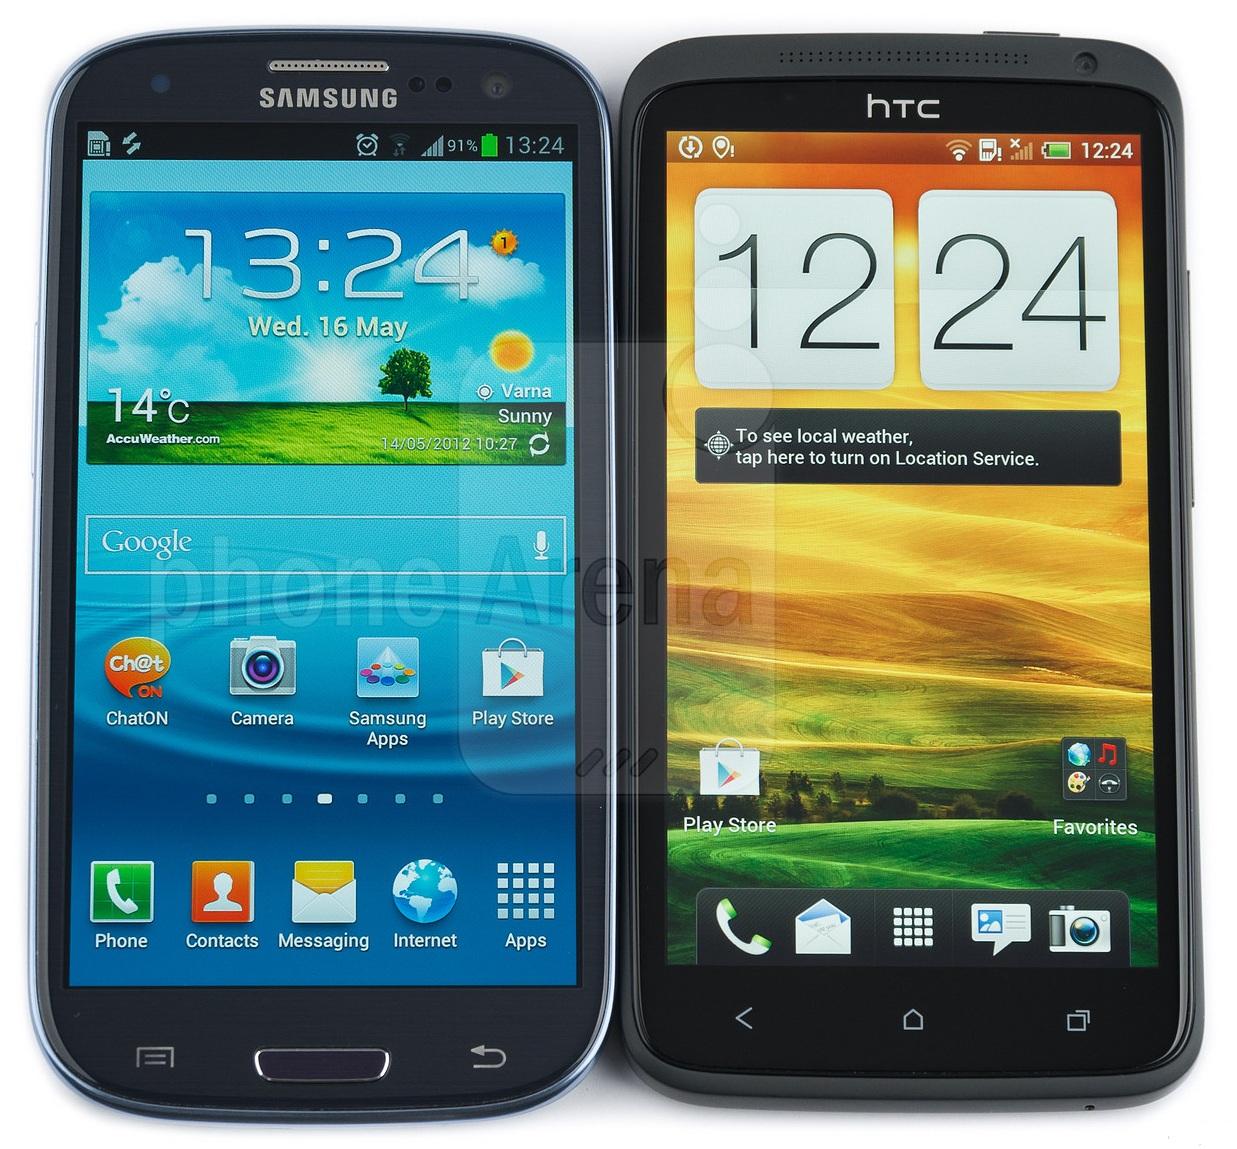 Samsung Htc Samsung ammette di aver pagato per recensioni web negative sulla concorrenza